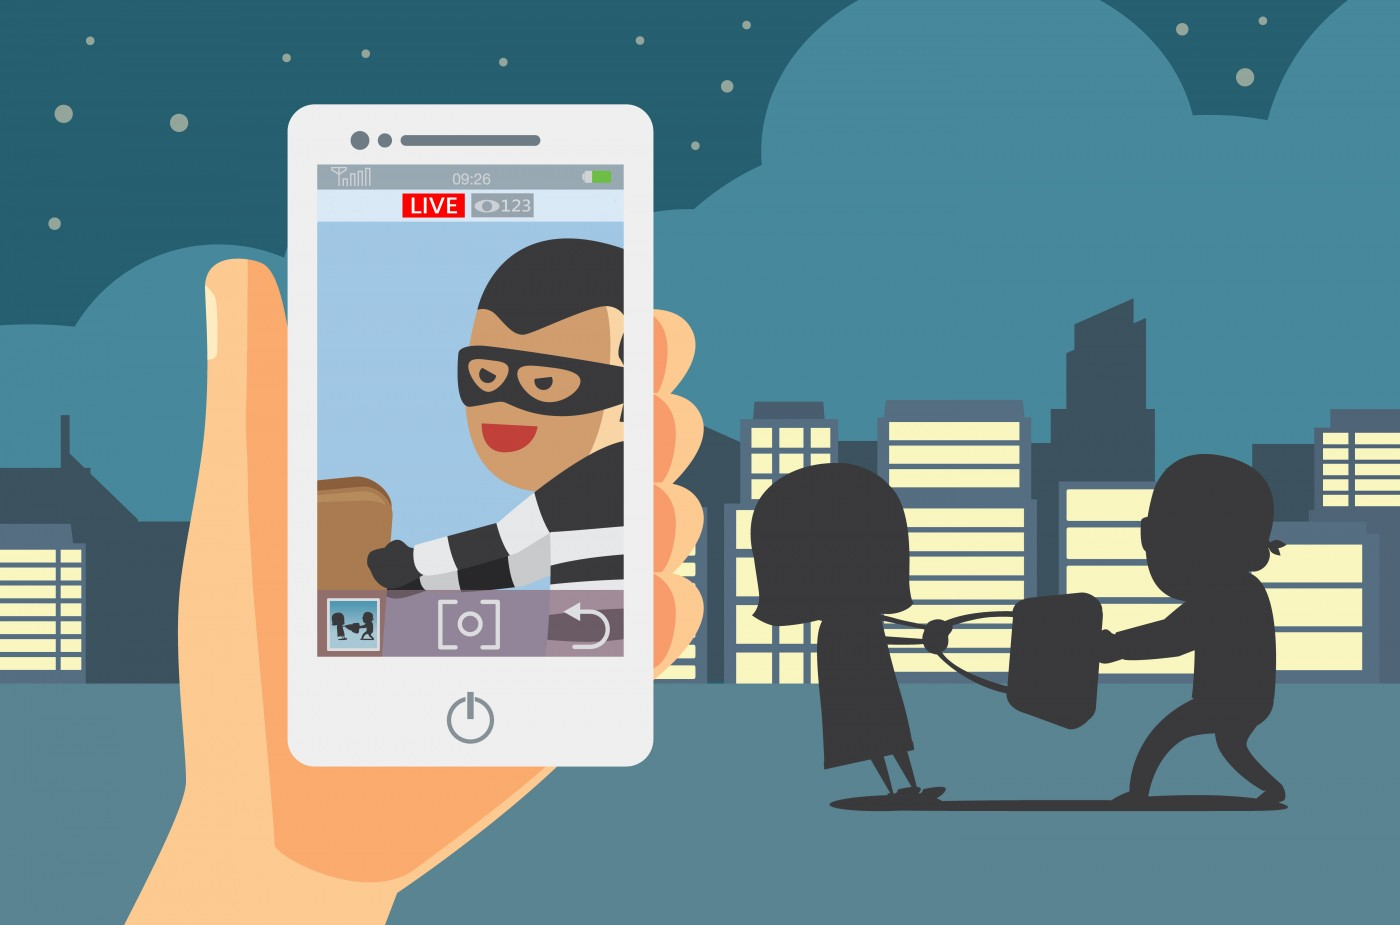 犯罪者在Facebook直播謀殺,網路直播的道德難題